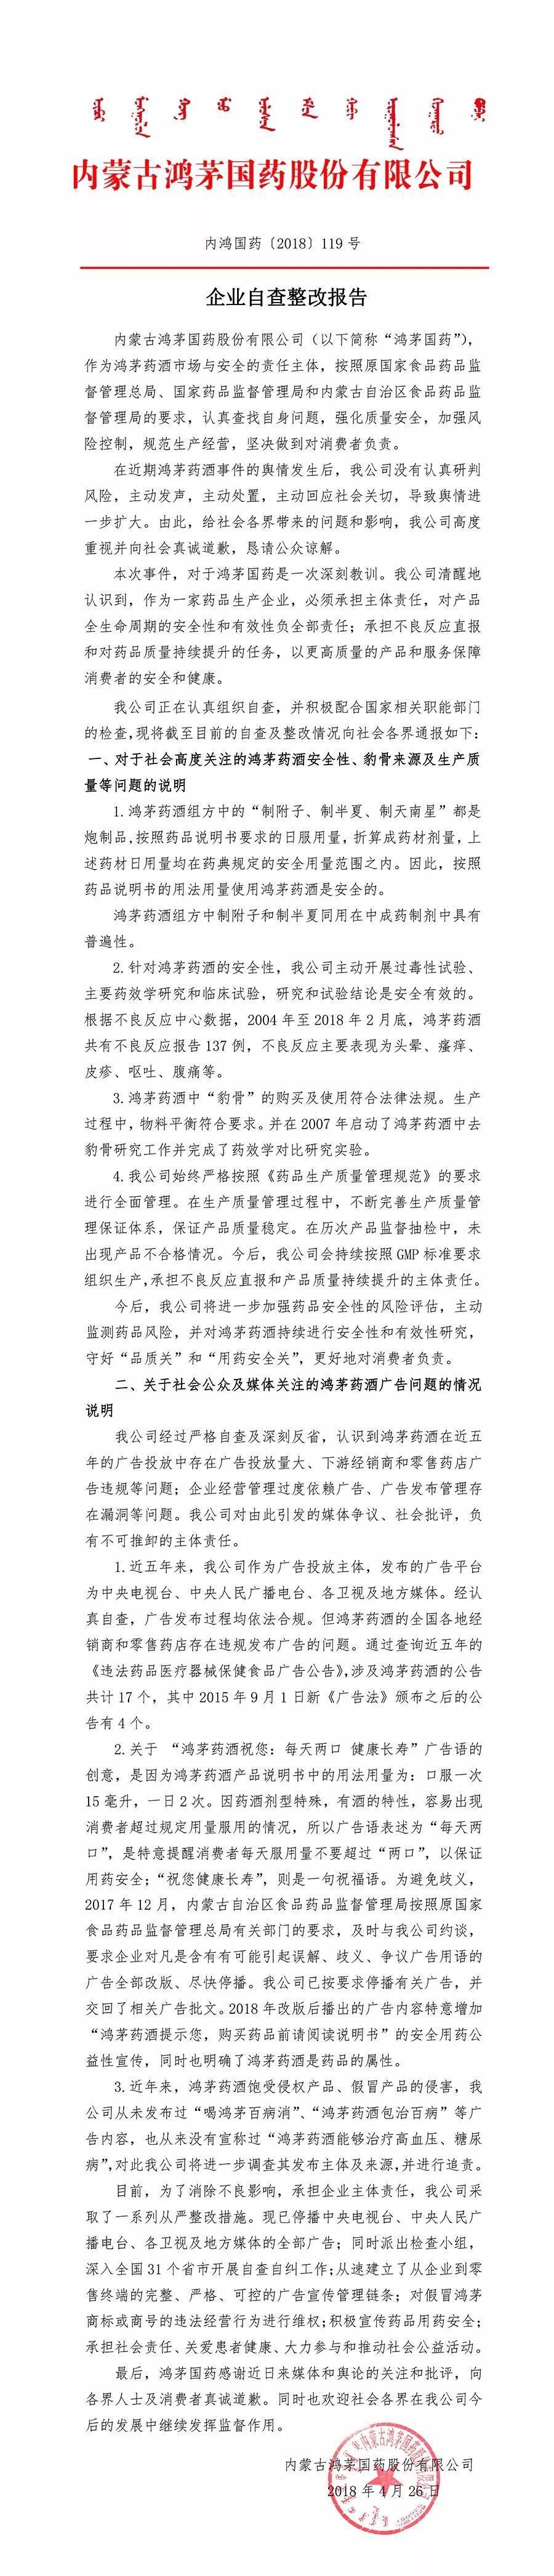 鸿茅药酒发布自查整改报告:已停播全部广告